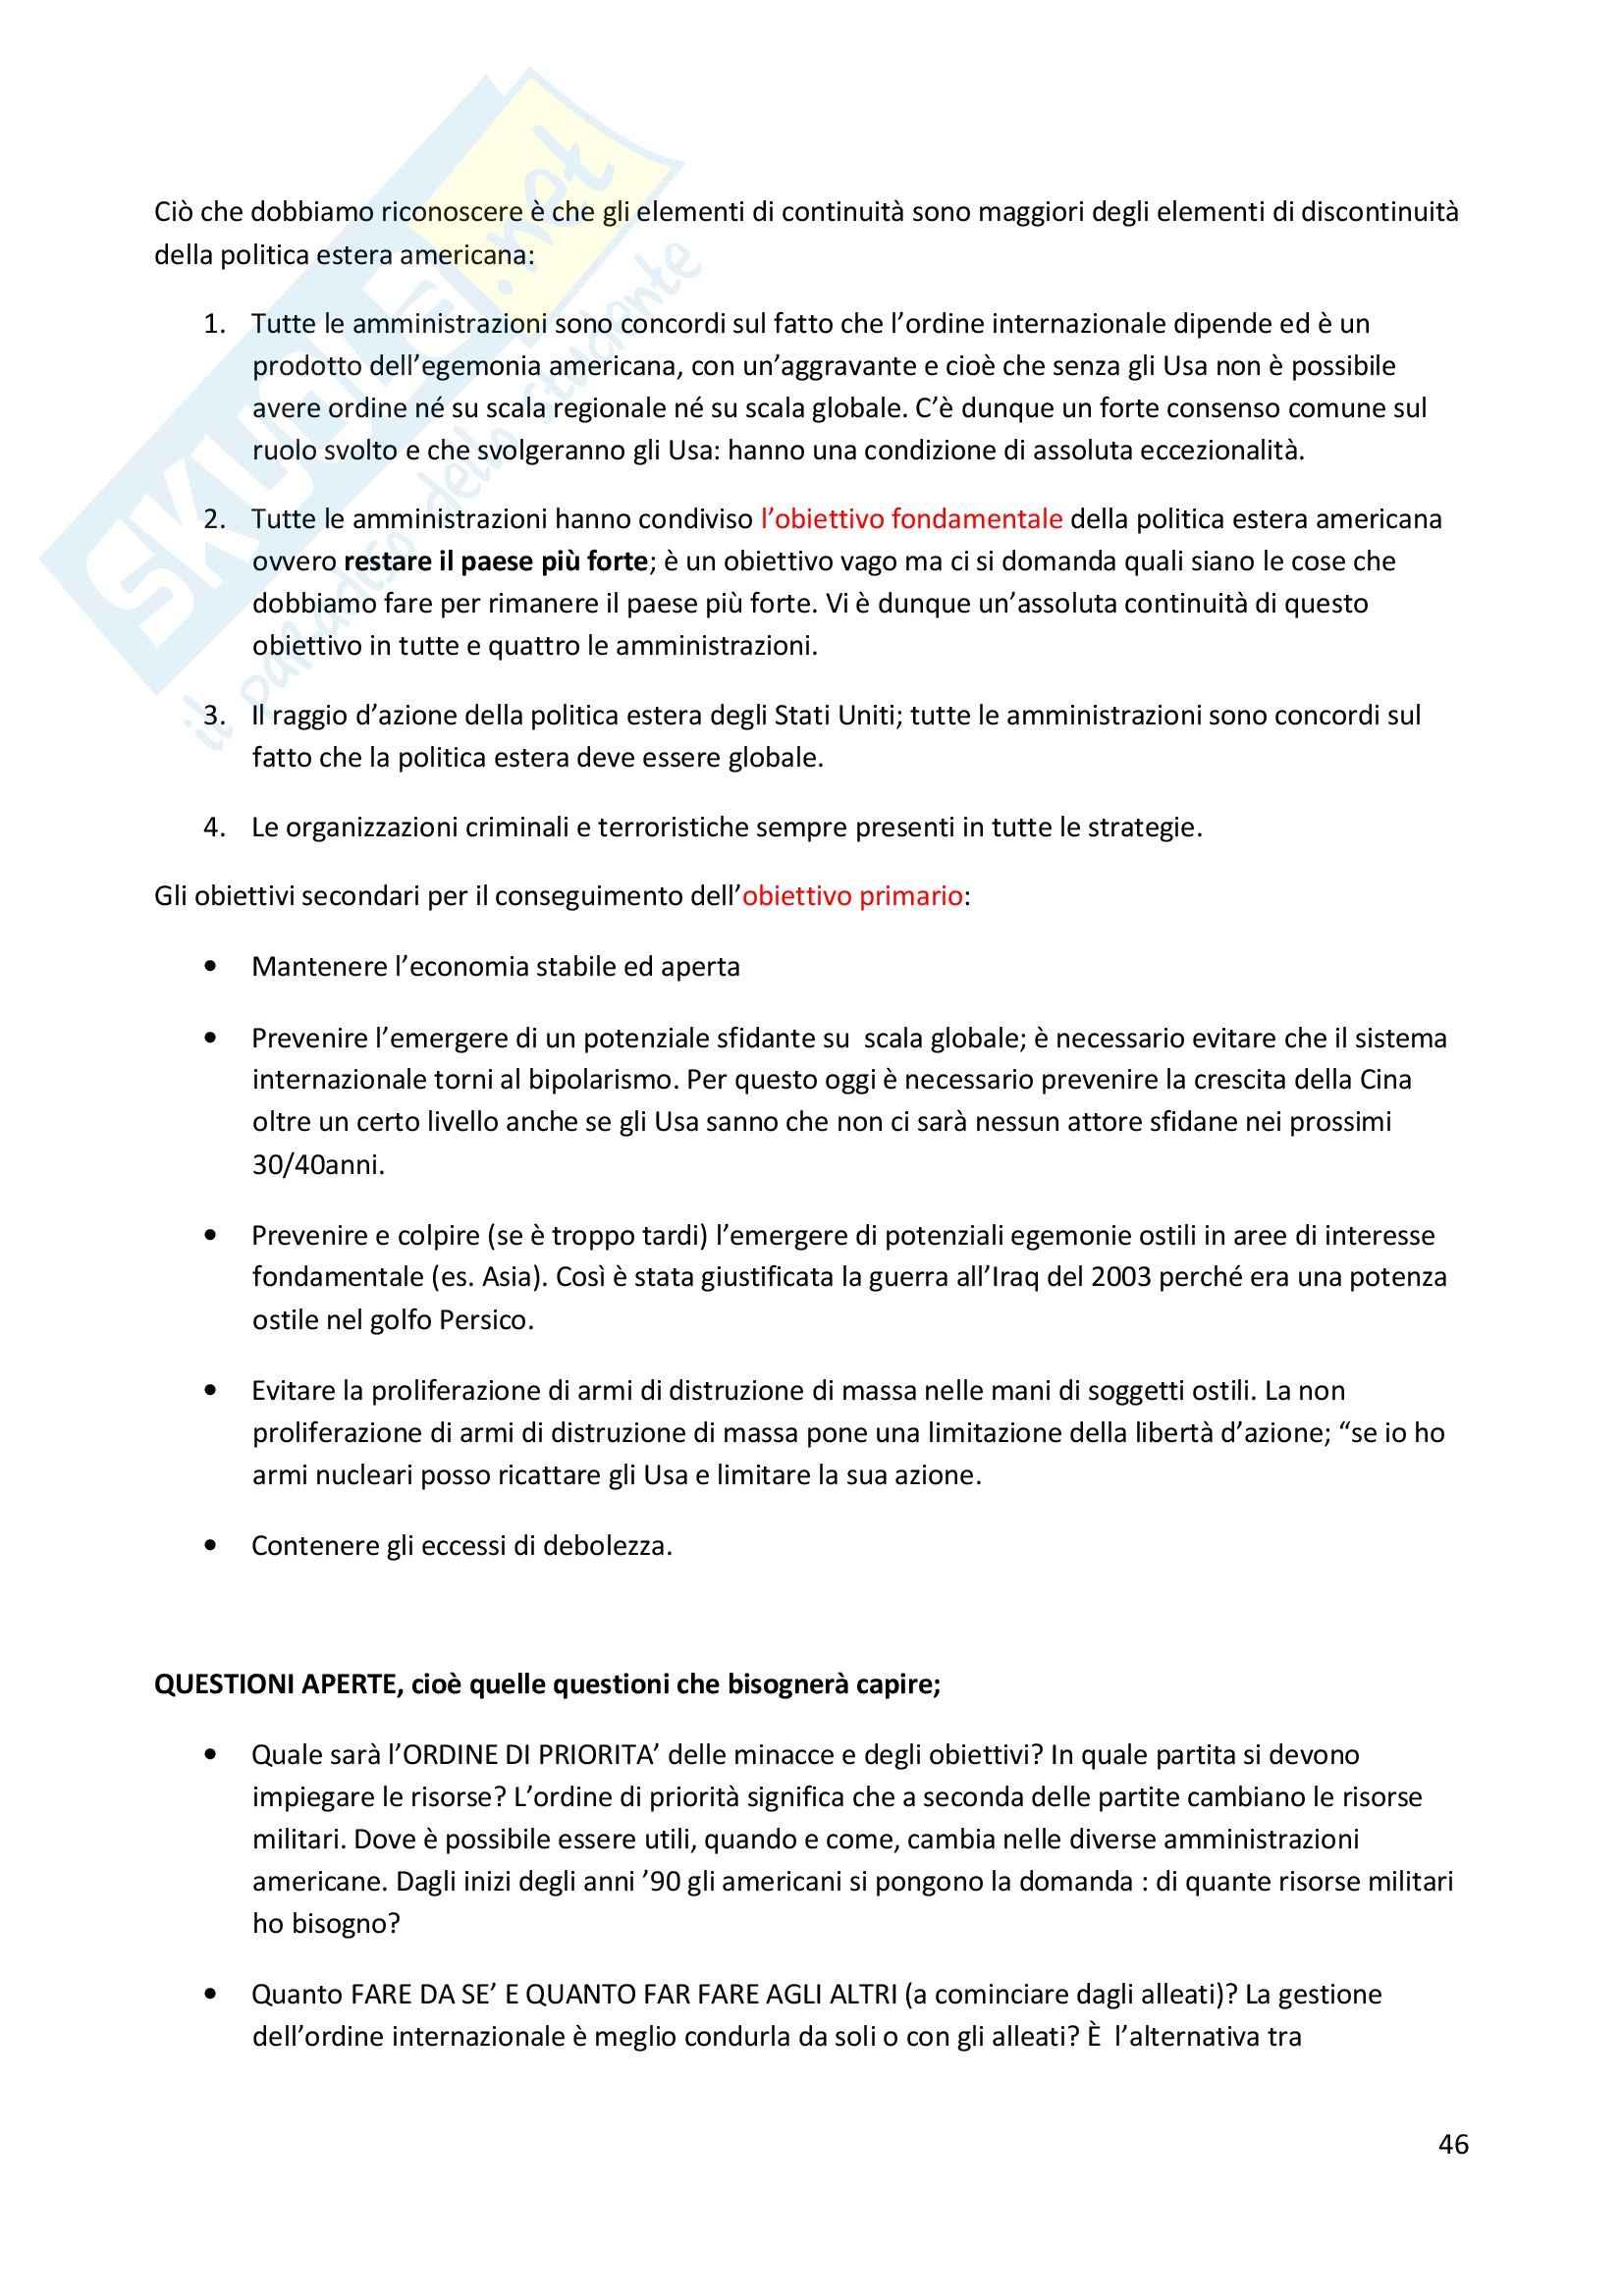 Storia delle relazioni internazionali - Appunti Pag. 46